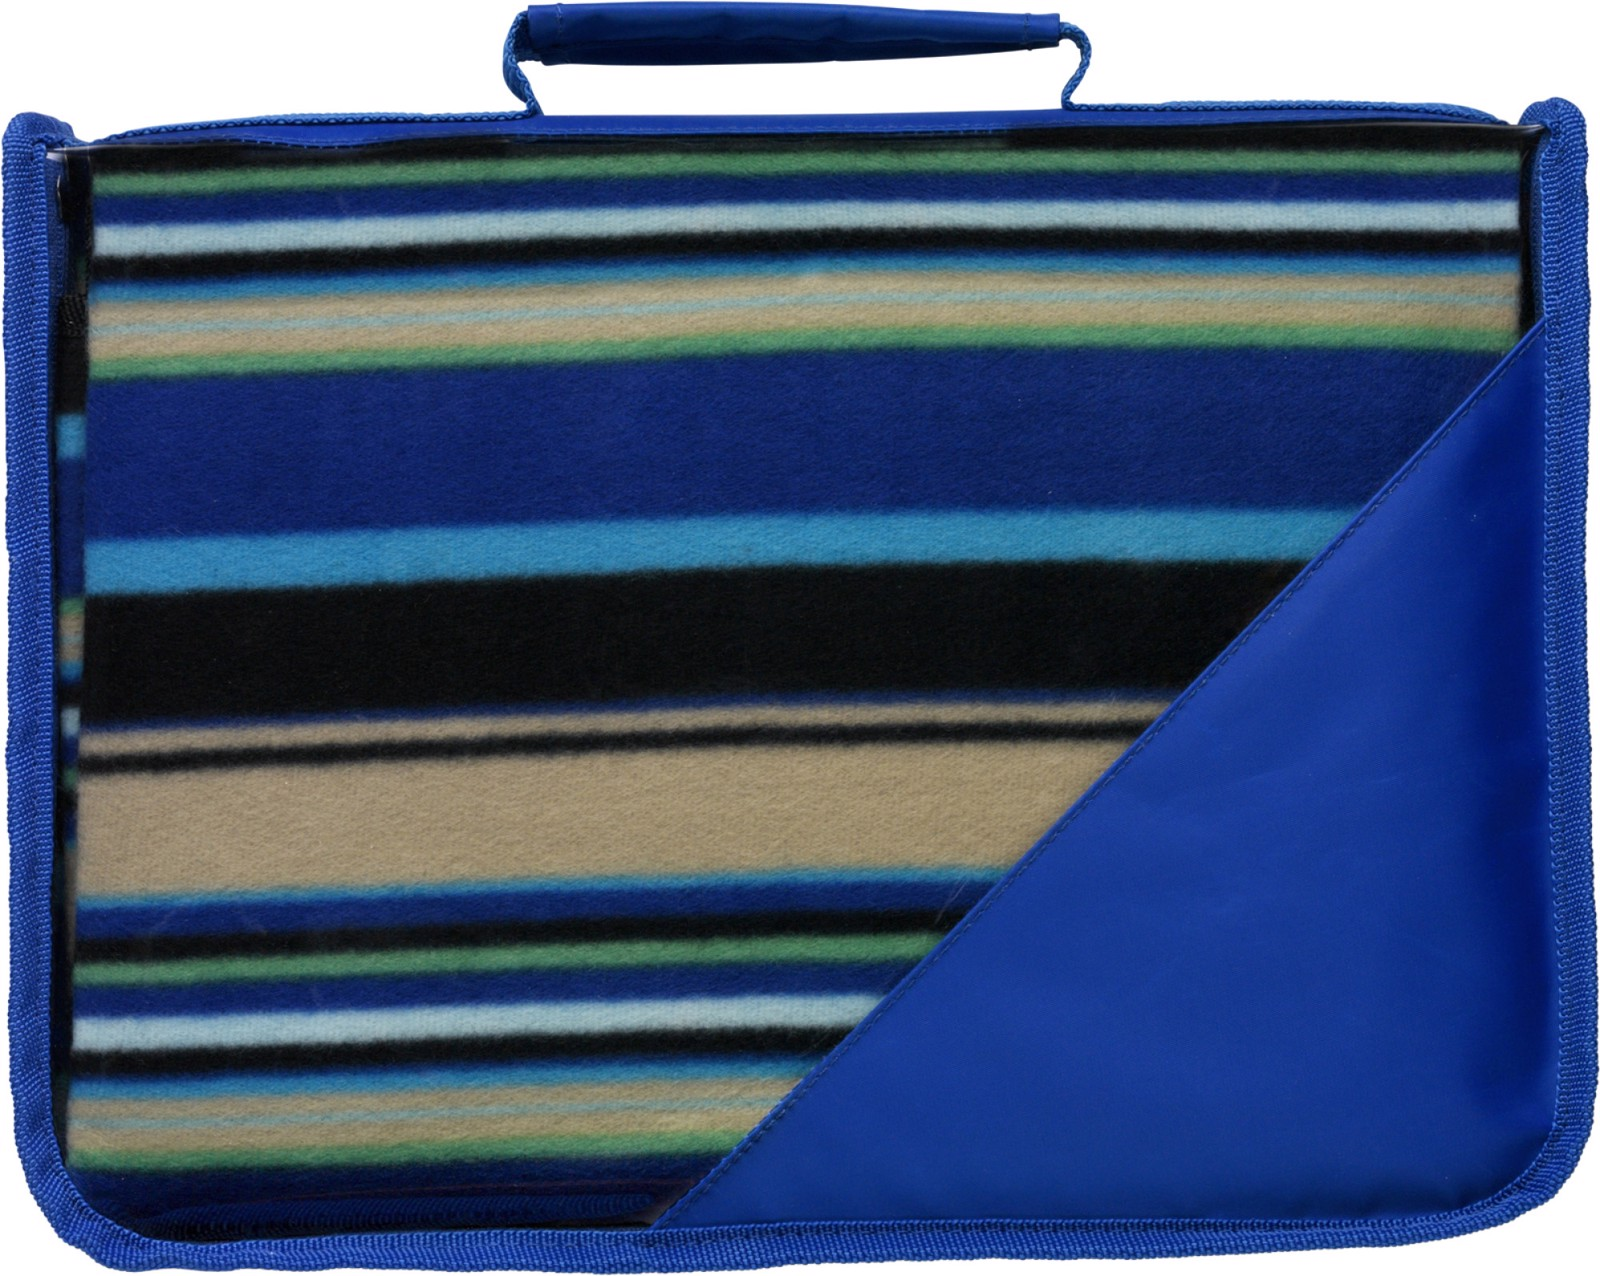 Fleece (150 gr/m²) blanket in pouch - Cobalt Blue